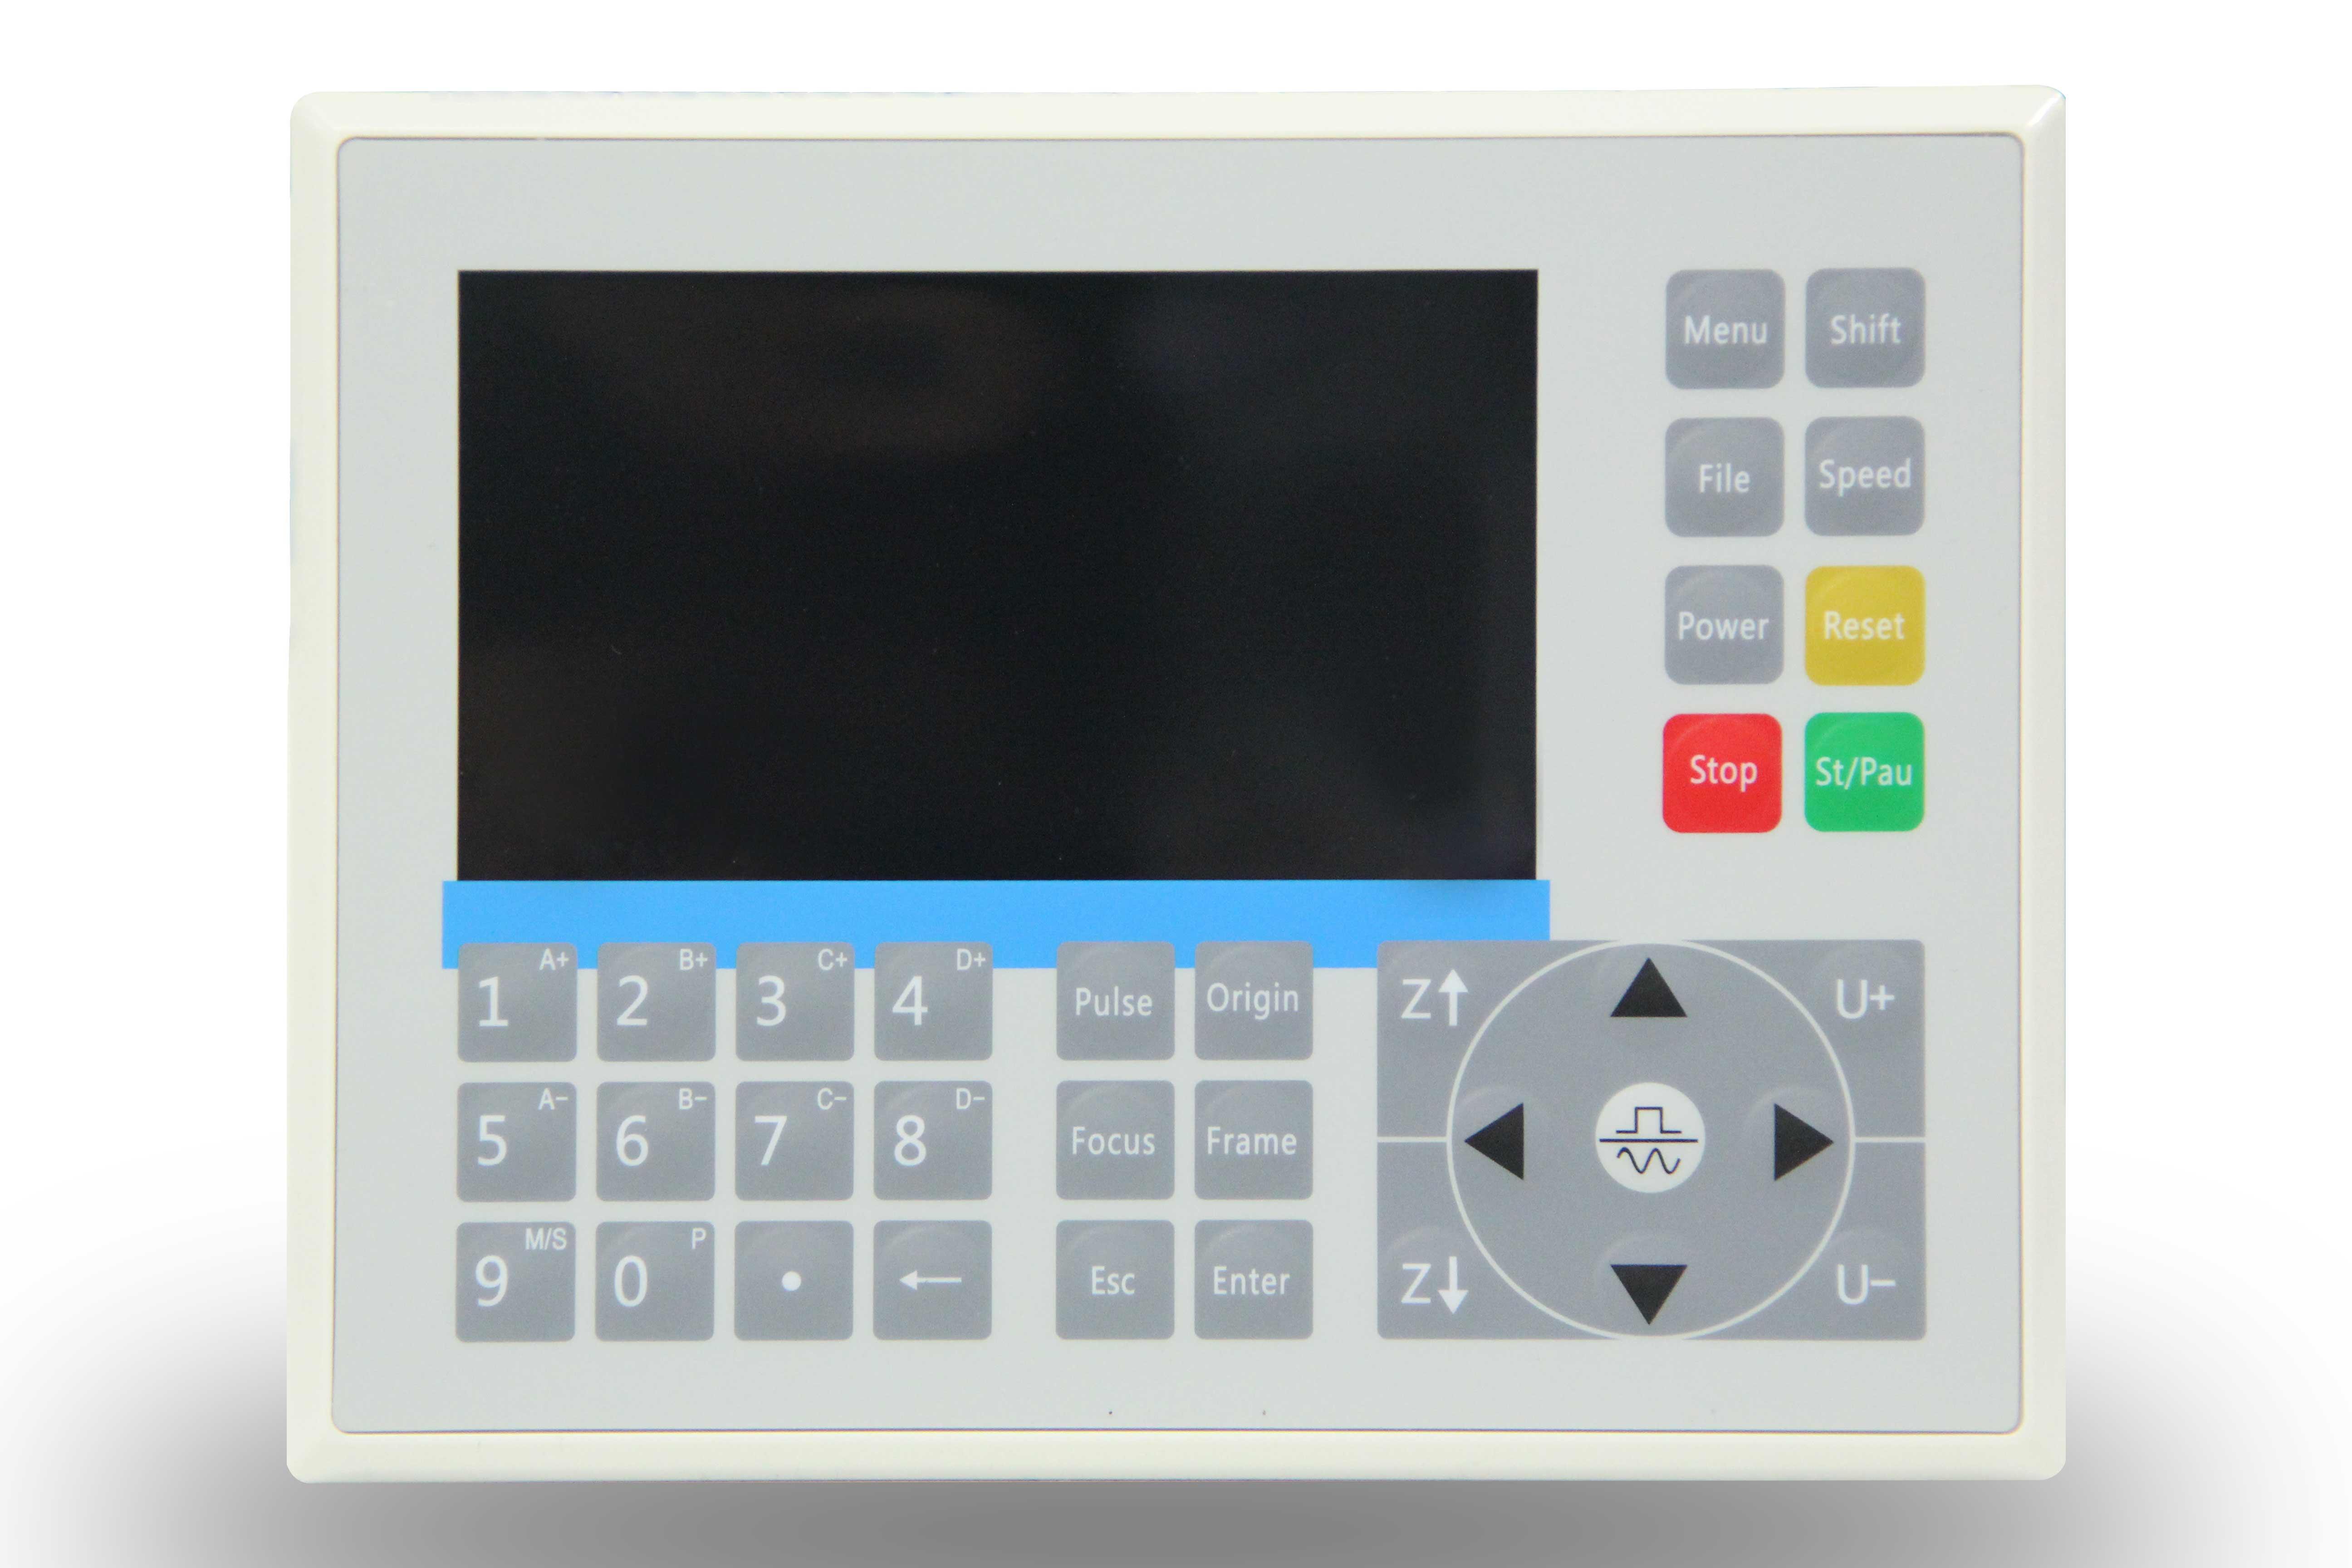 集成激光加工与喷胶(墨)一体的控制系统RDC6585PC